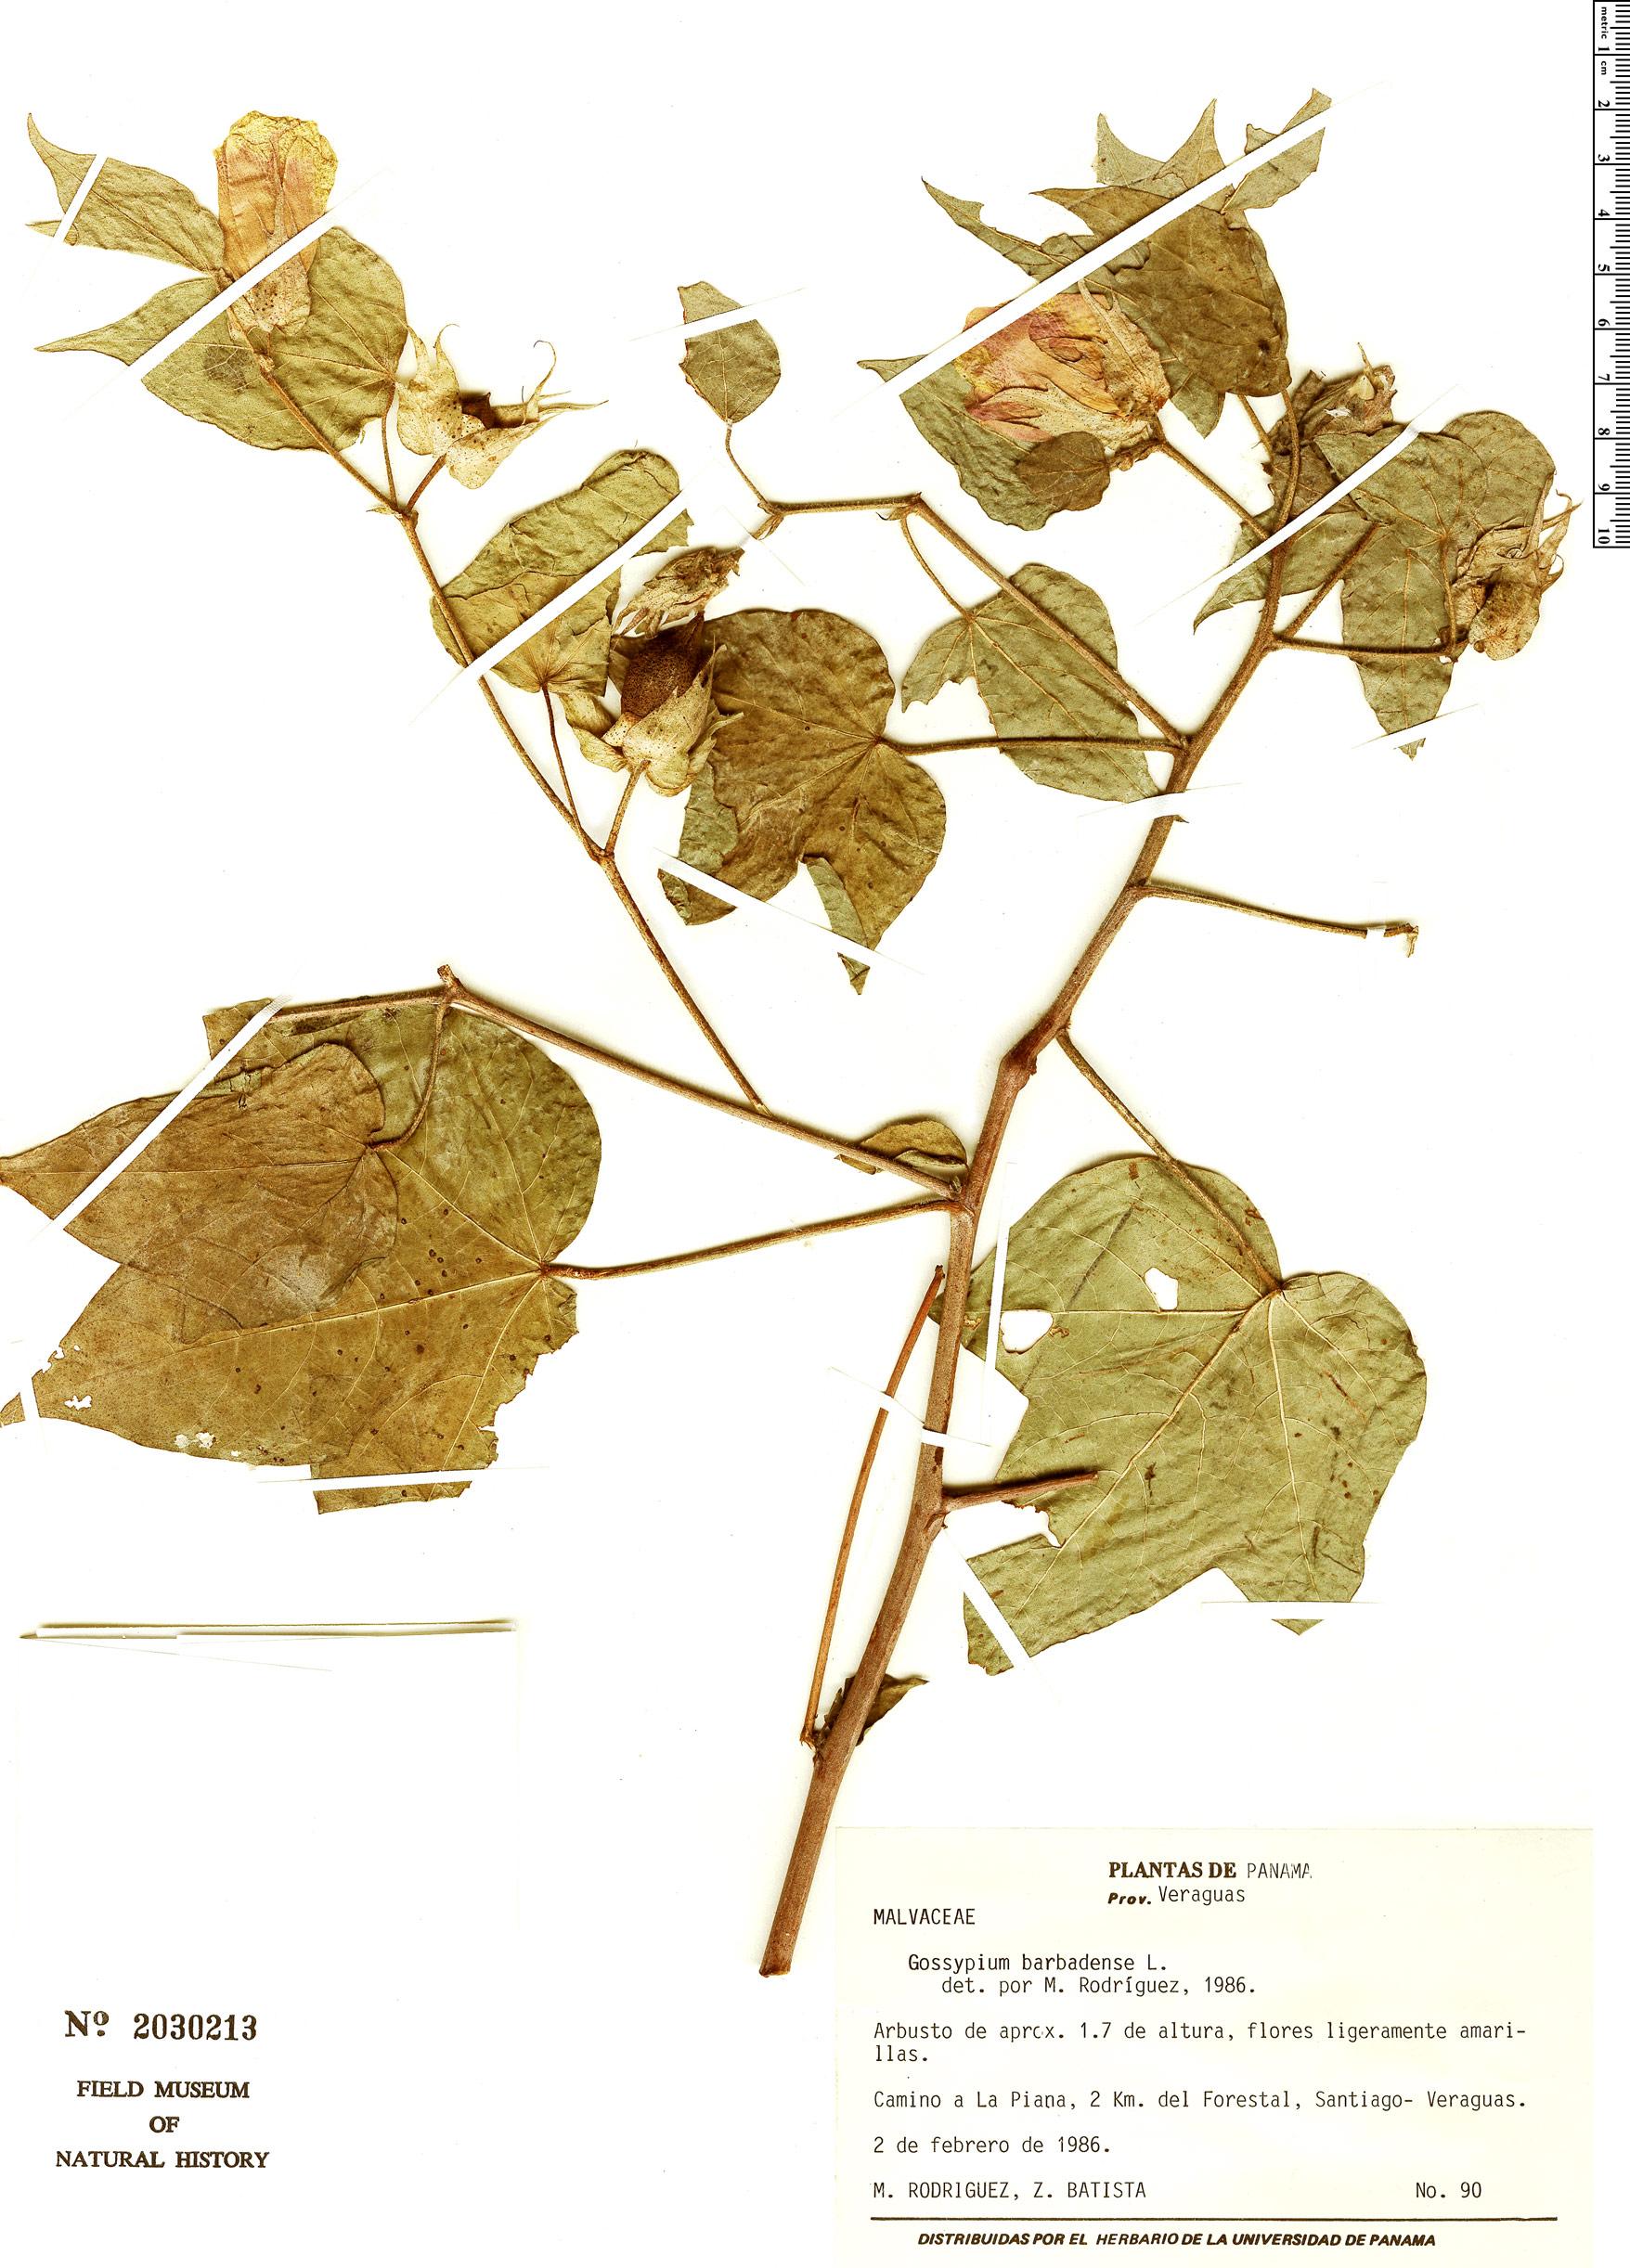 Specimen: Gossypium barbadense